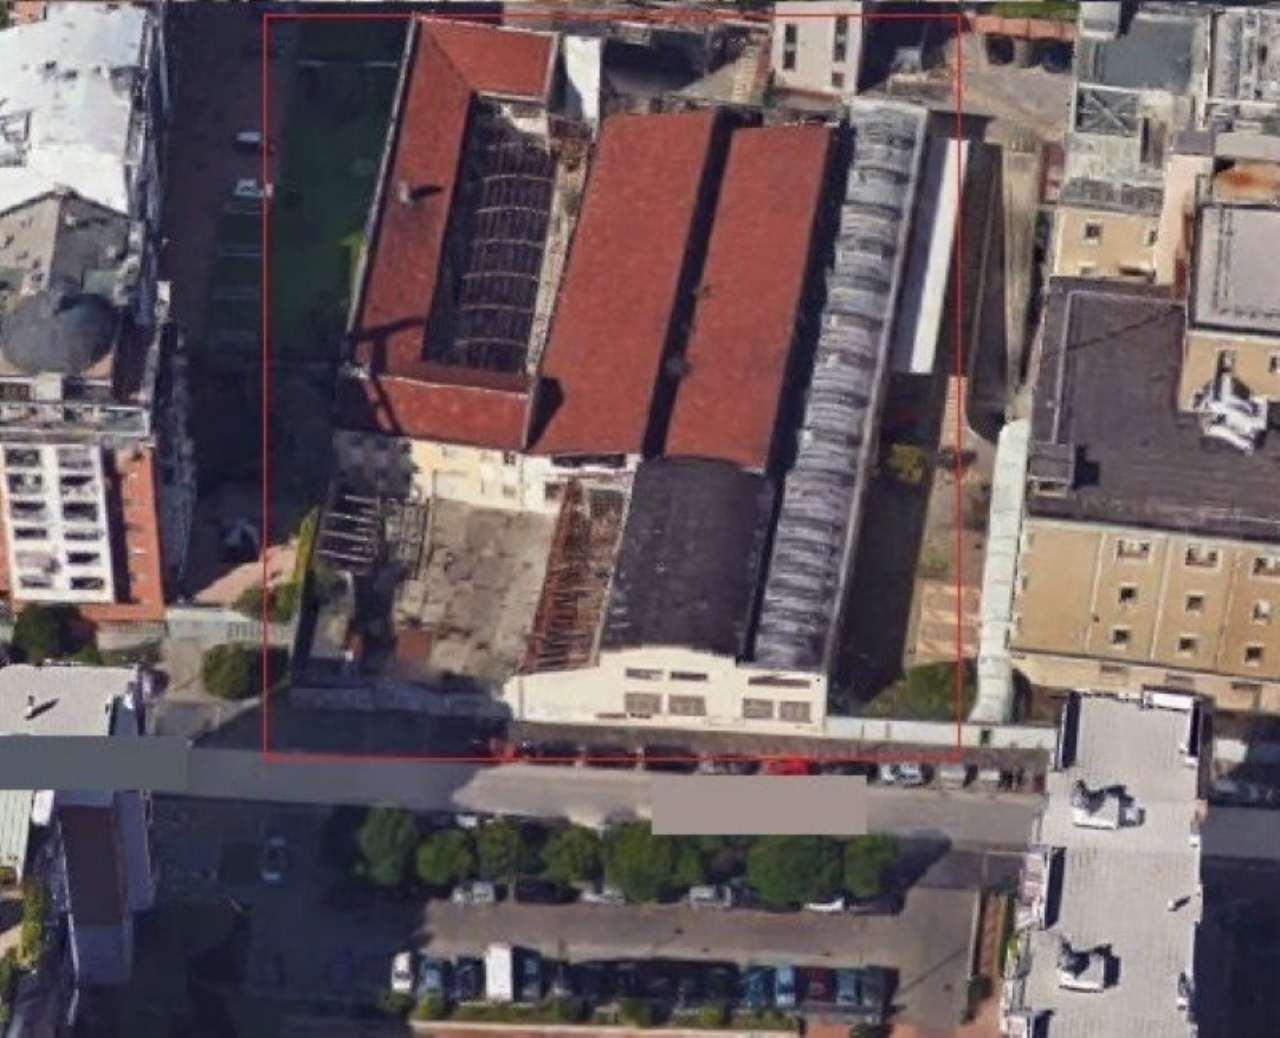 Terreno Edificabile Residenziale in vendita a Torino, 9999 locali, zona Zona: 8 . San Paolo, Cenisia, prezzo € 4.500.000 | Cambio Casa.it